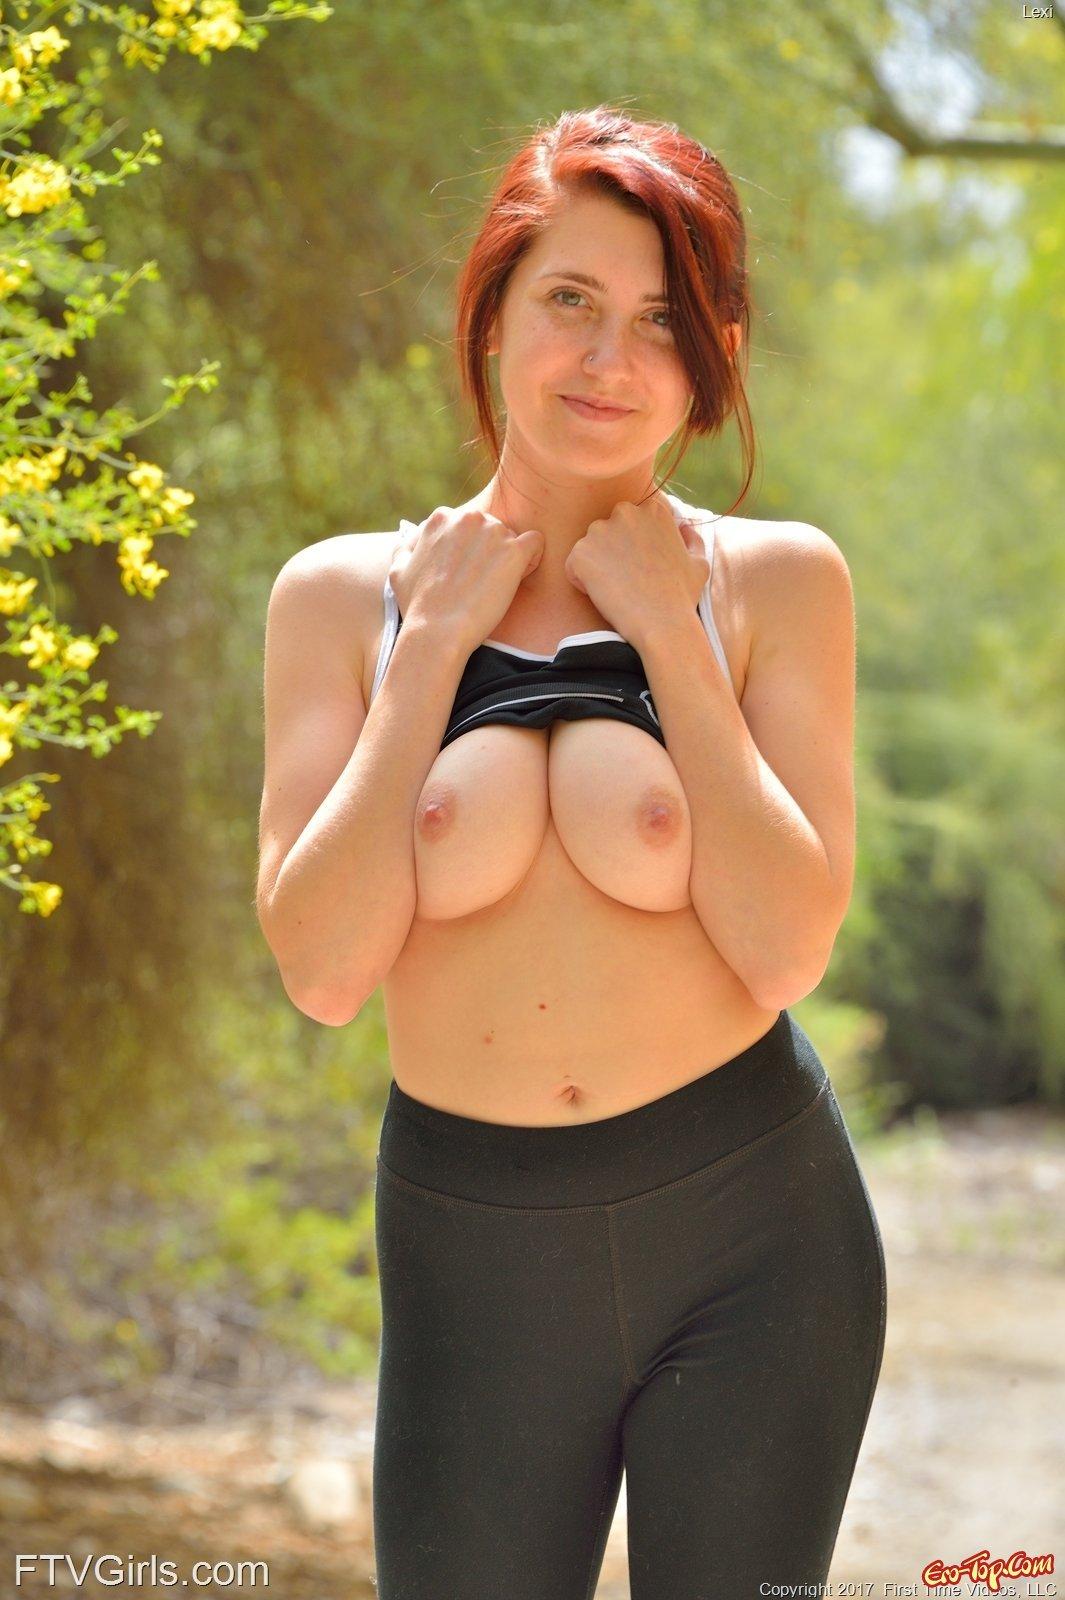 Тёлка хочет фоткать свою натуральную грудь